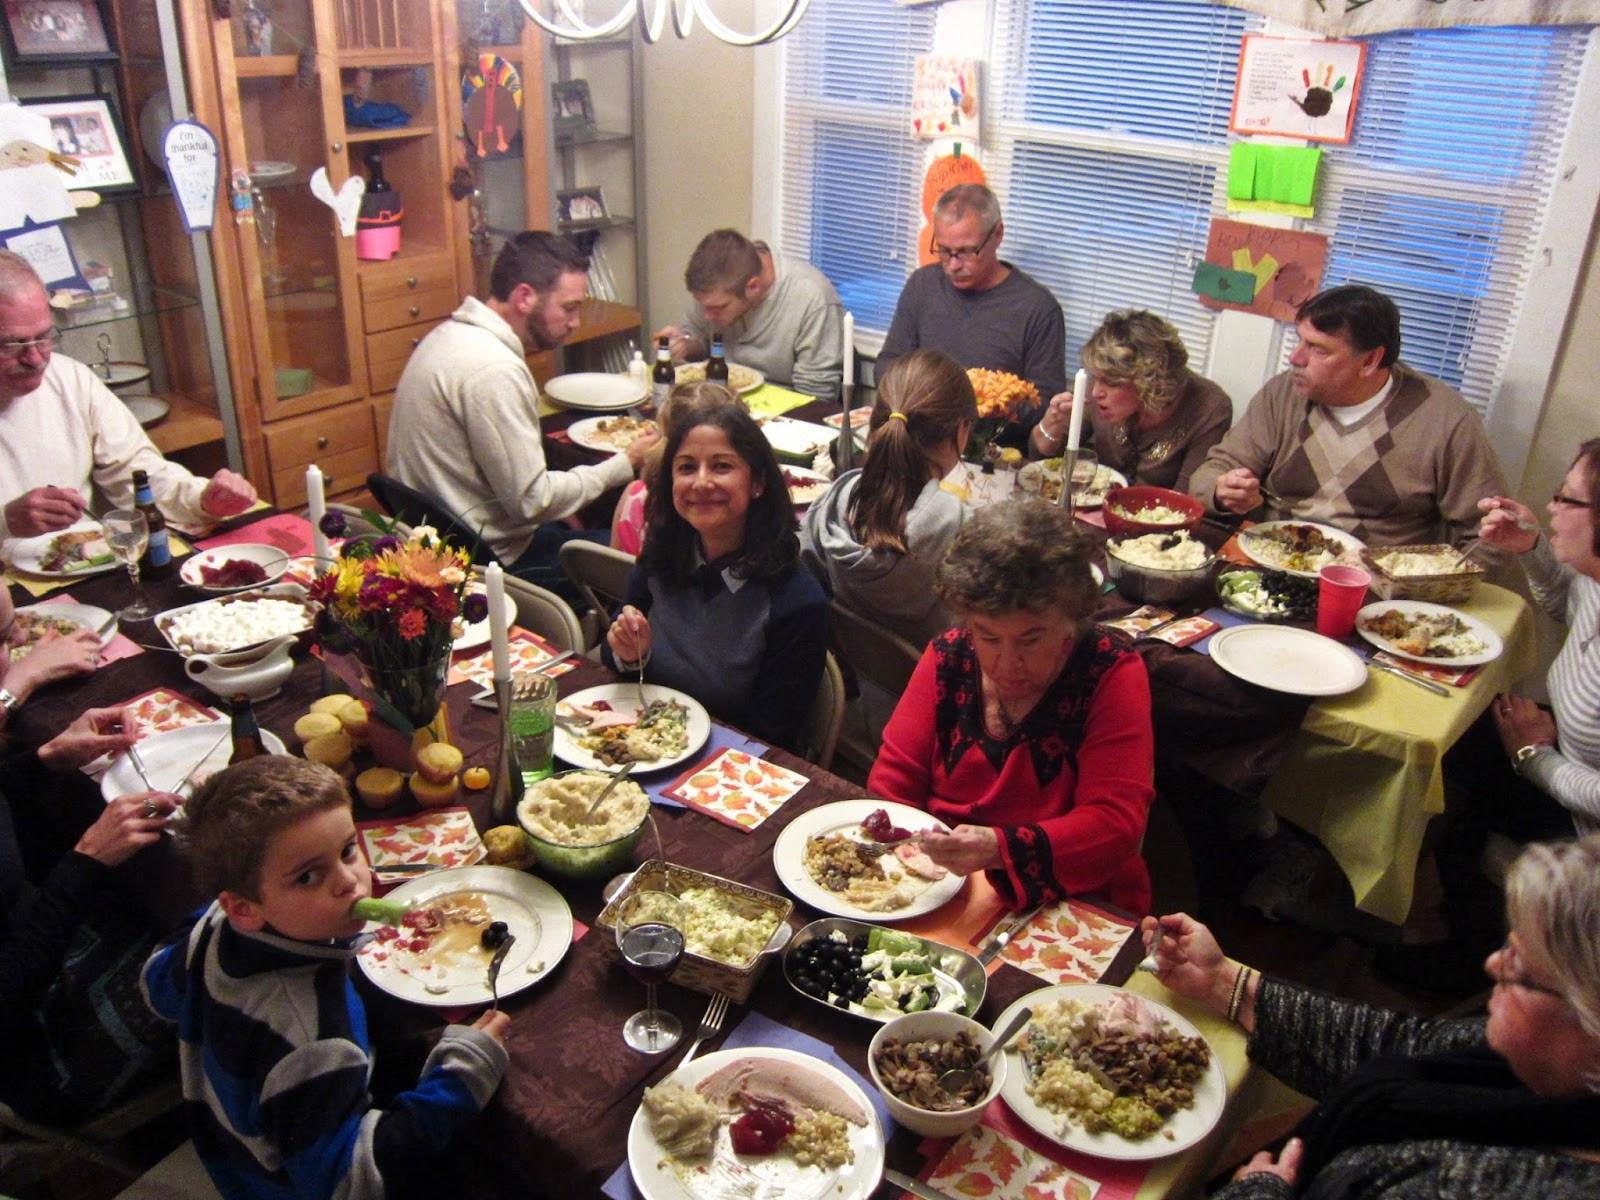 Family Thanksgiving Dinner  Where Is Darren Now Thanksgiving 2013